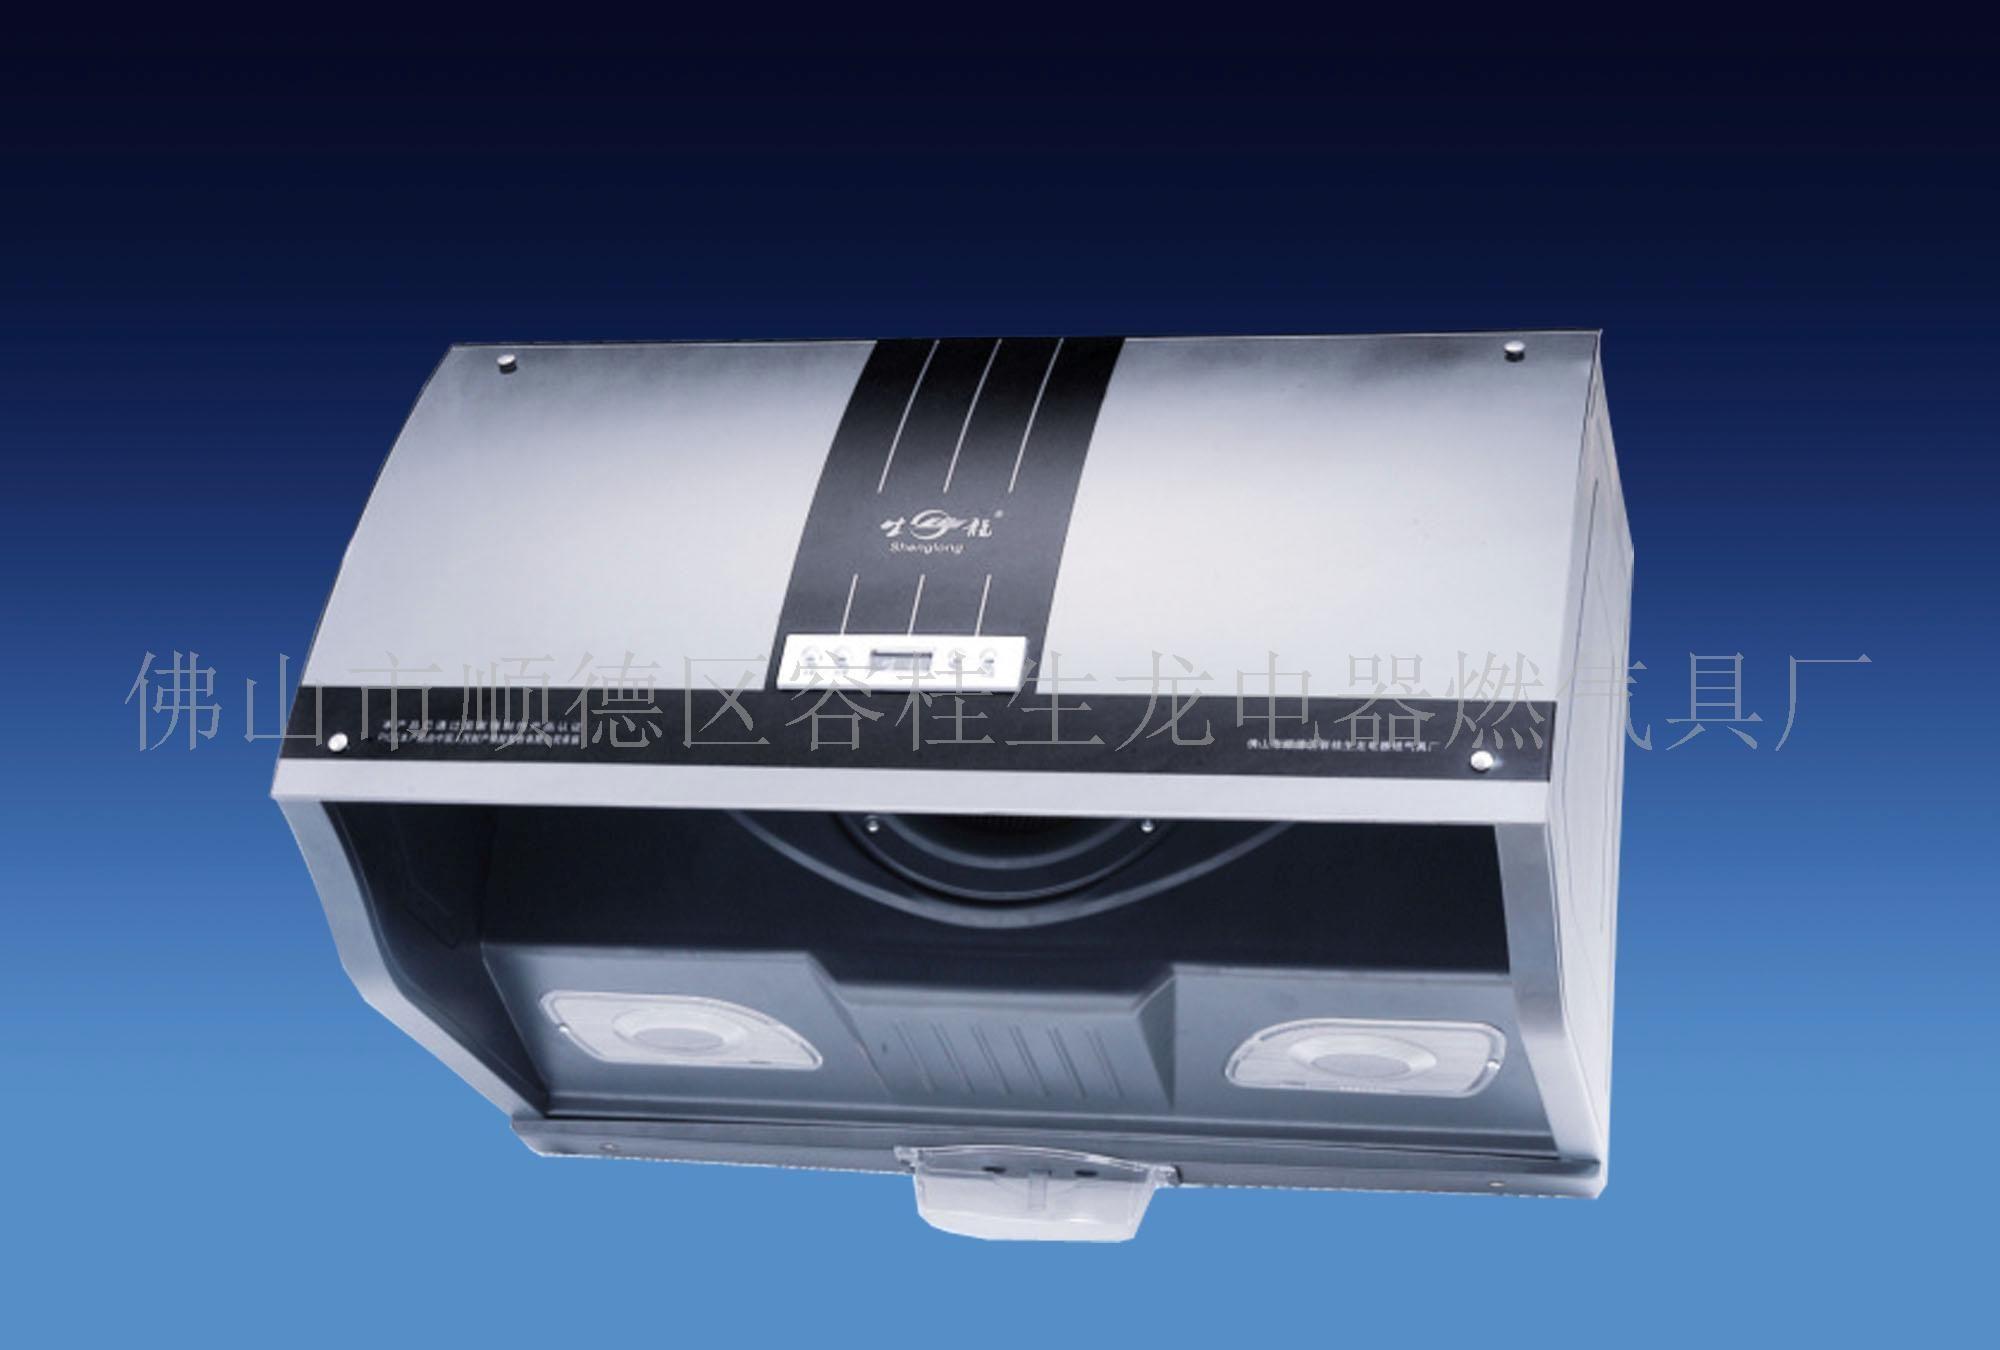 美的抽油烟机gxw-dj05电路板接线图